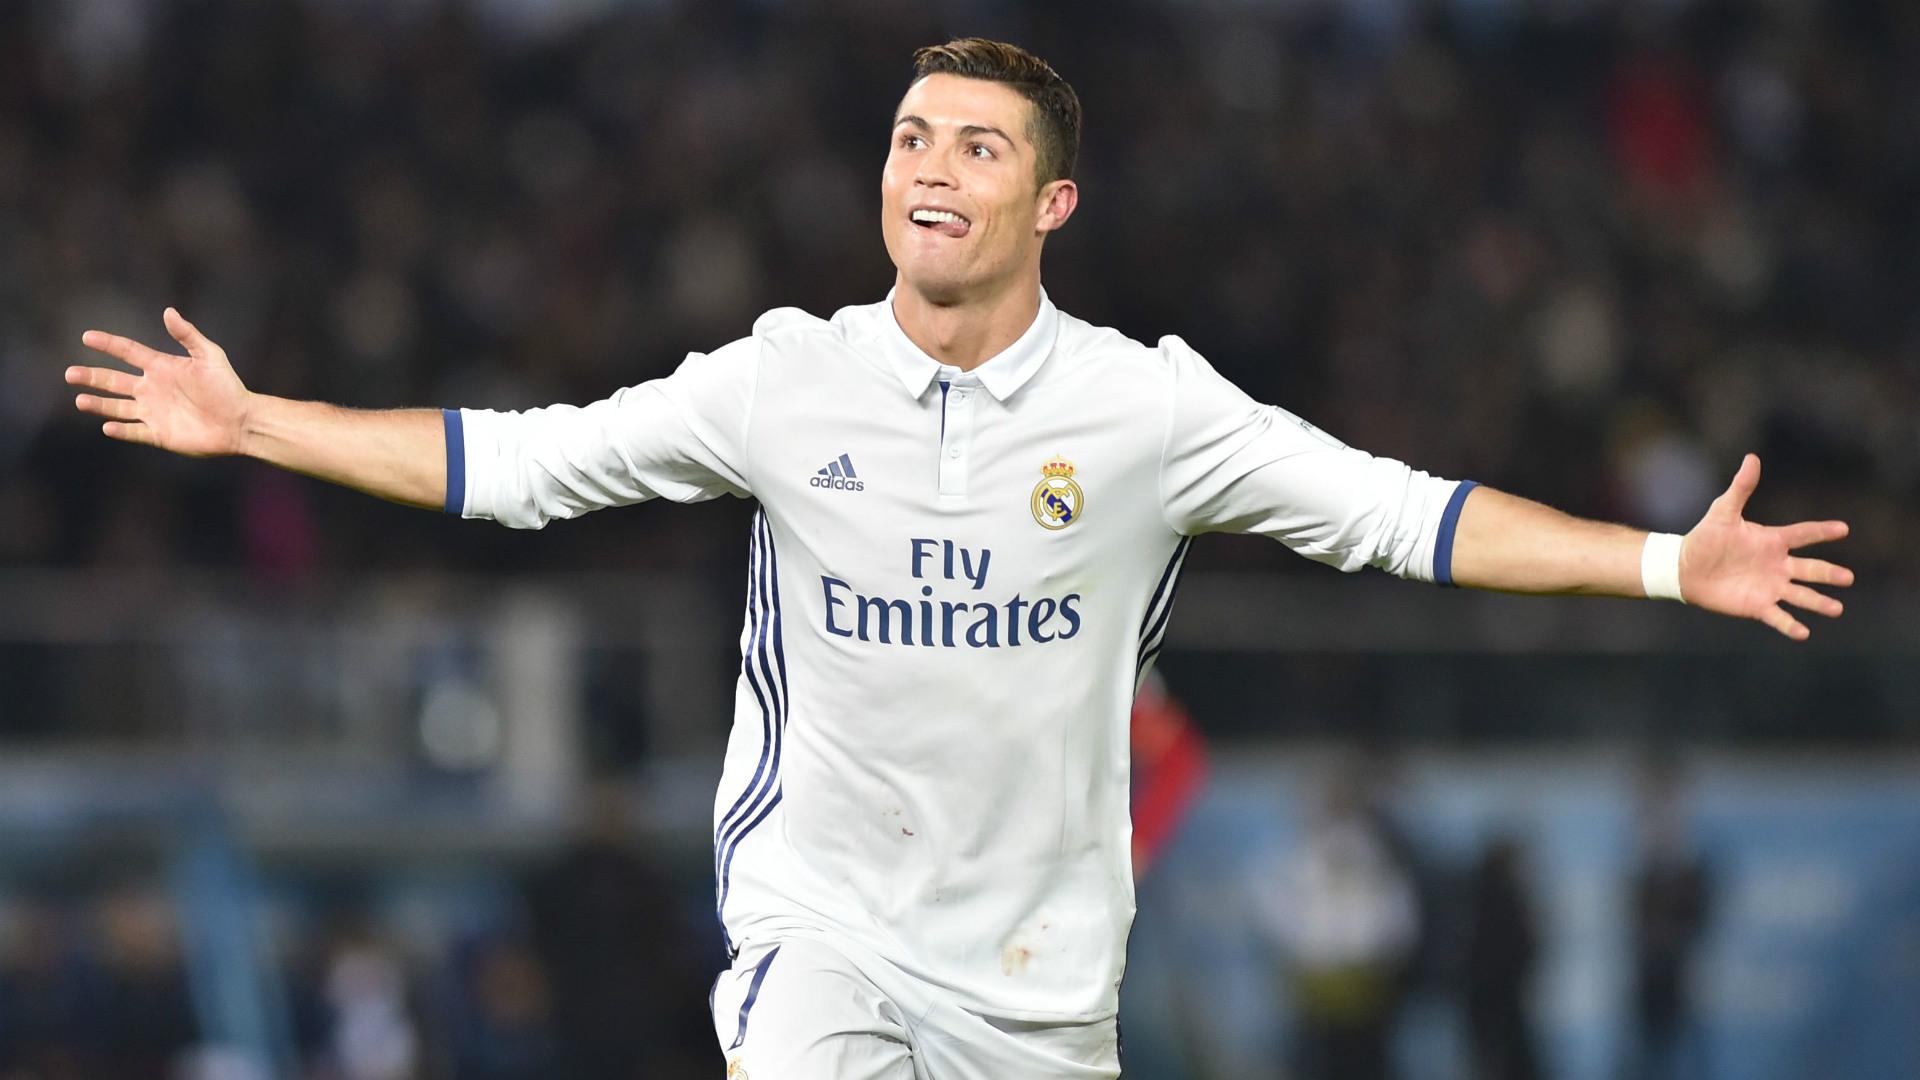 فیلم ؛ اولین هتریک کریستیانو رونالدو برای رئال مادرید ؛ پارس فوتبال